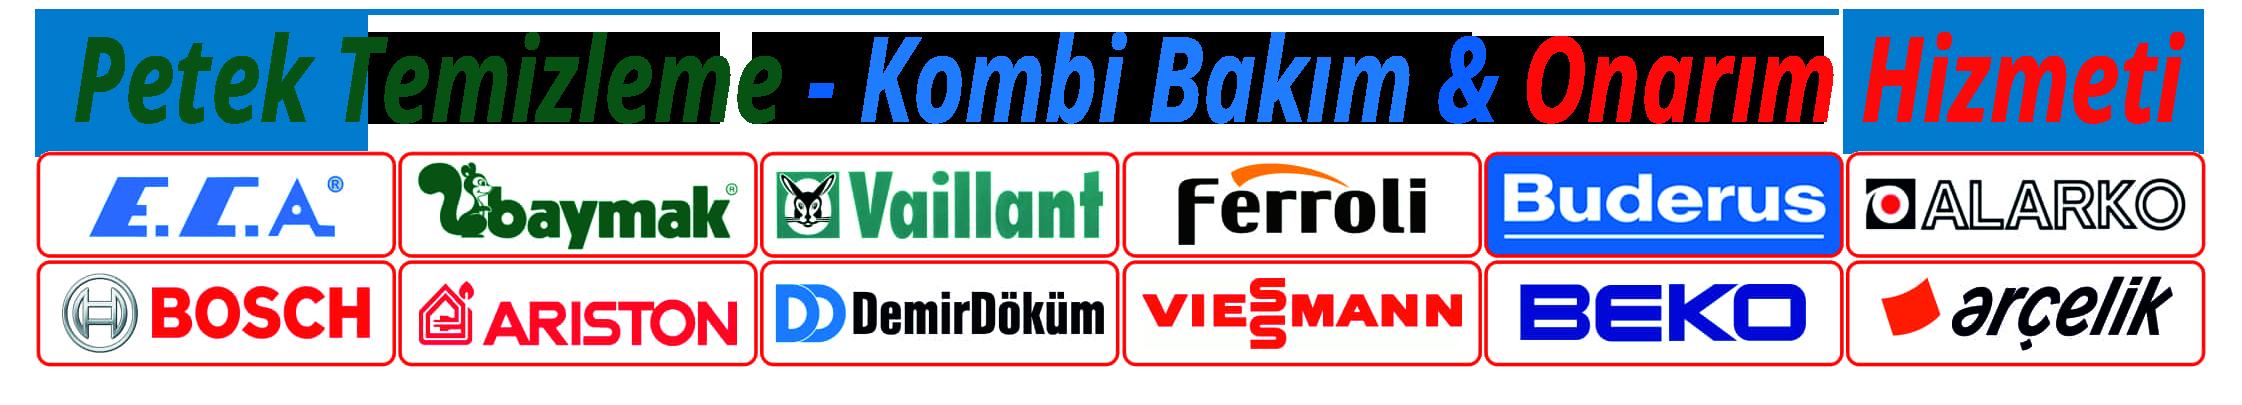 petek-kombi-bakim-ve-temizligi-banner